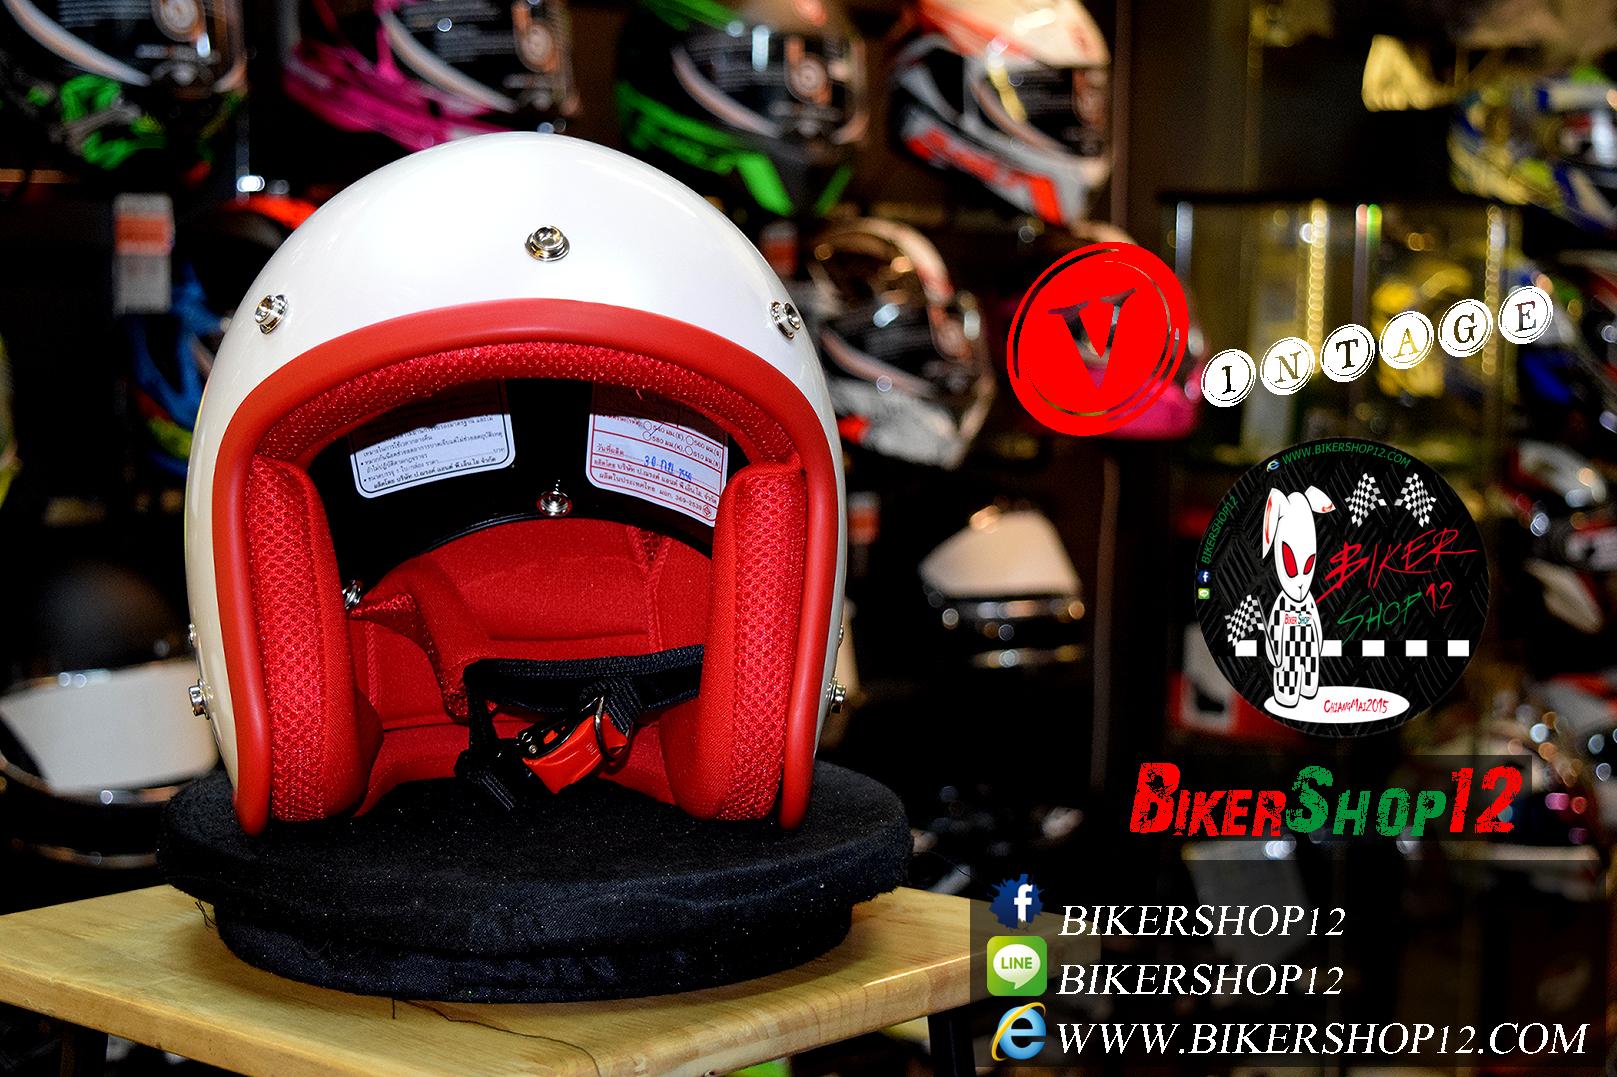 หมวกกันน็อคคลาสสิก Vintage 5เป๊ก สีขาว-ประกายแดง